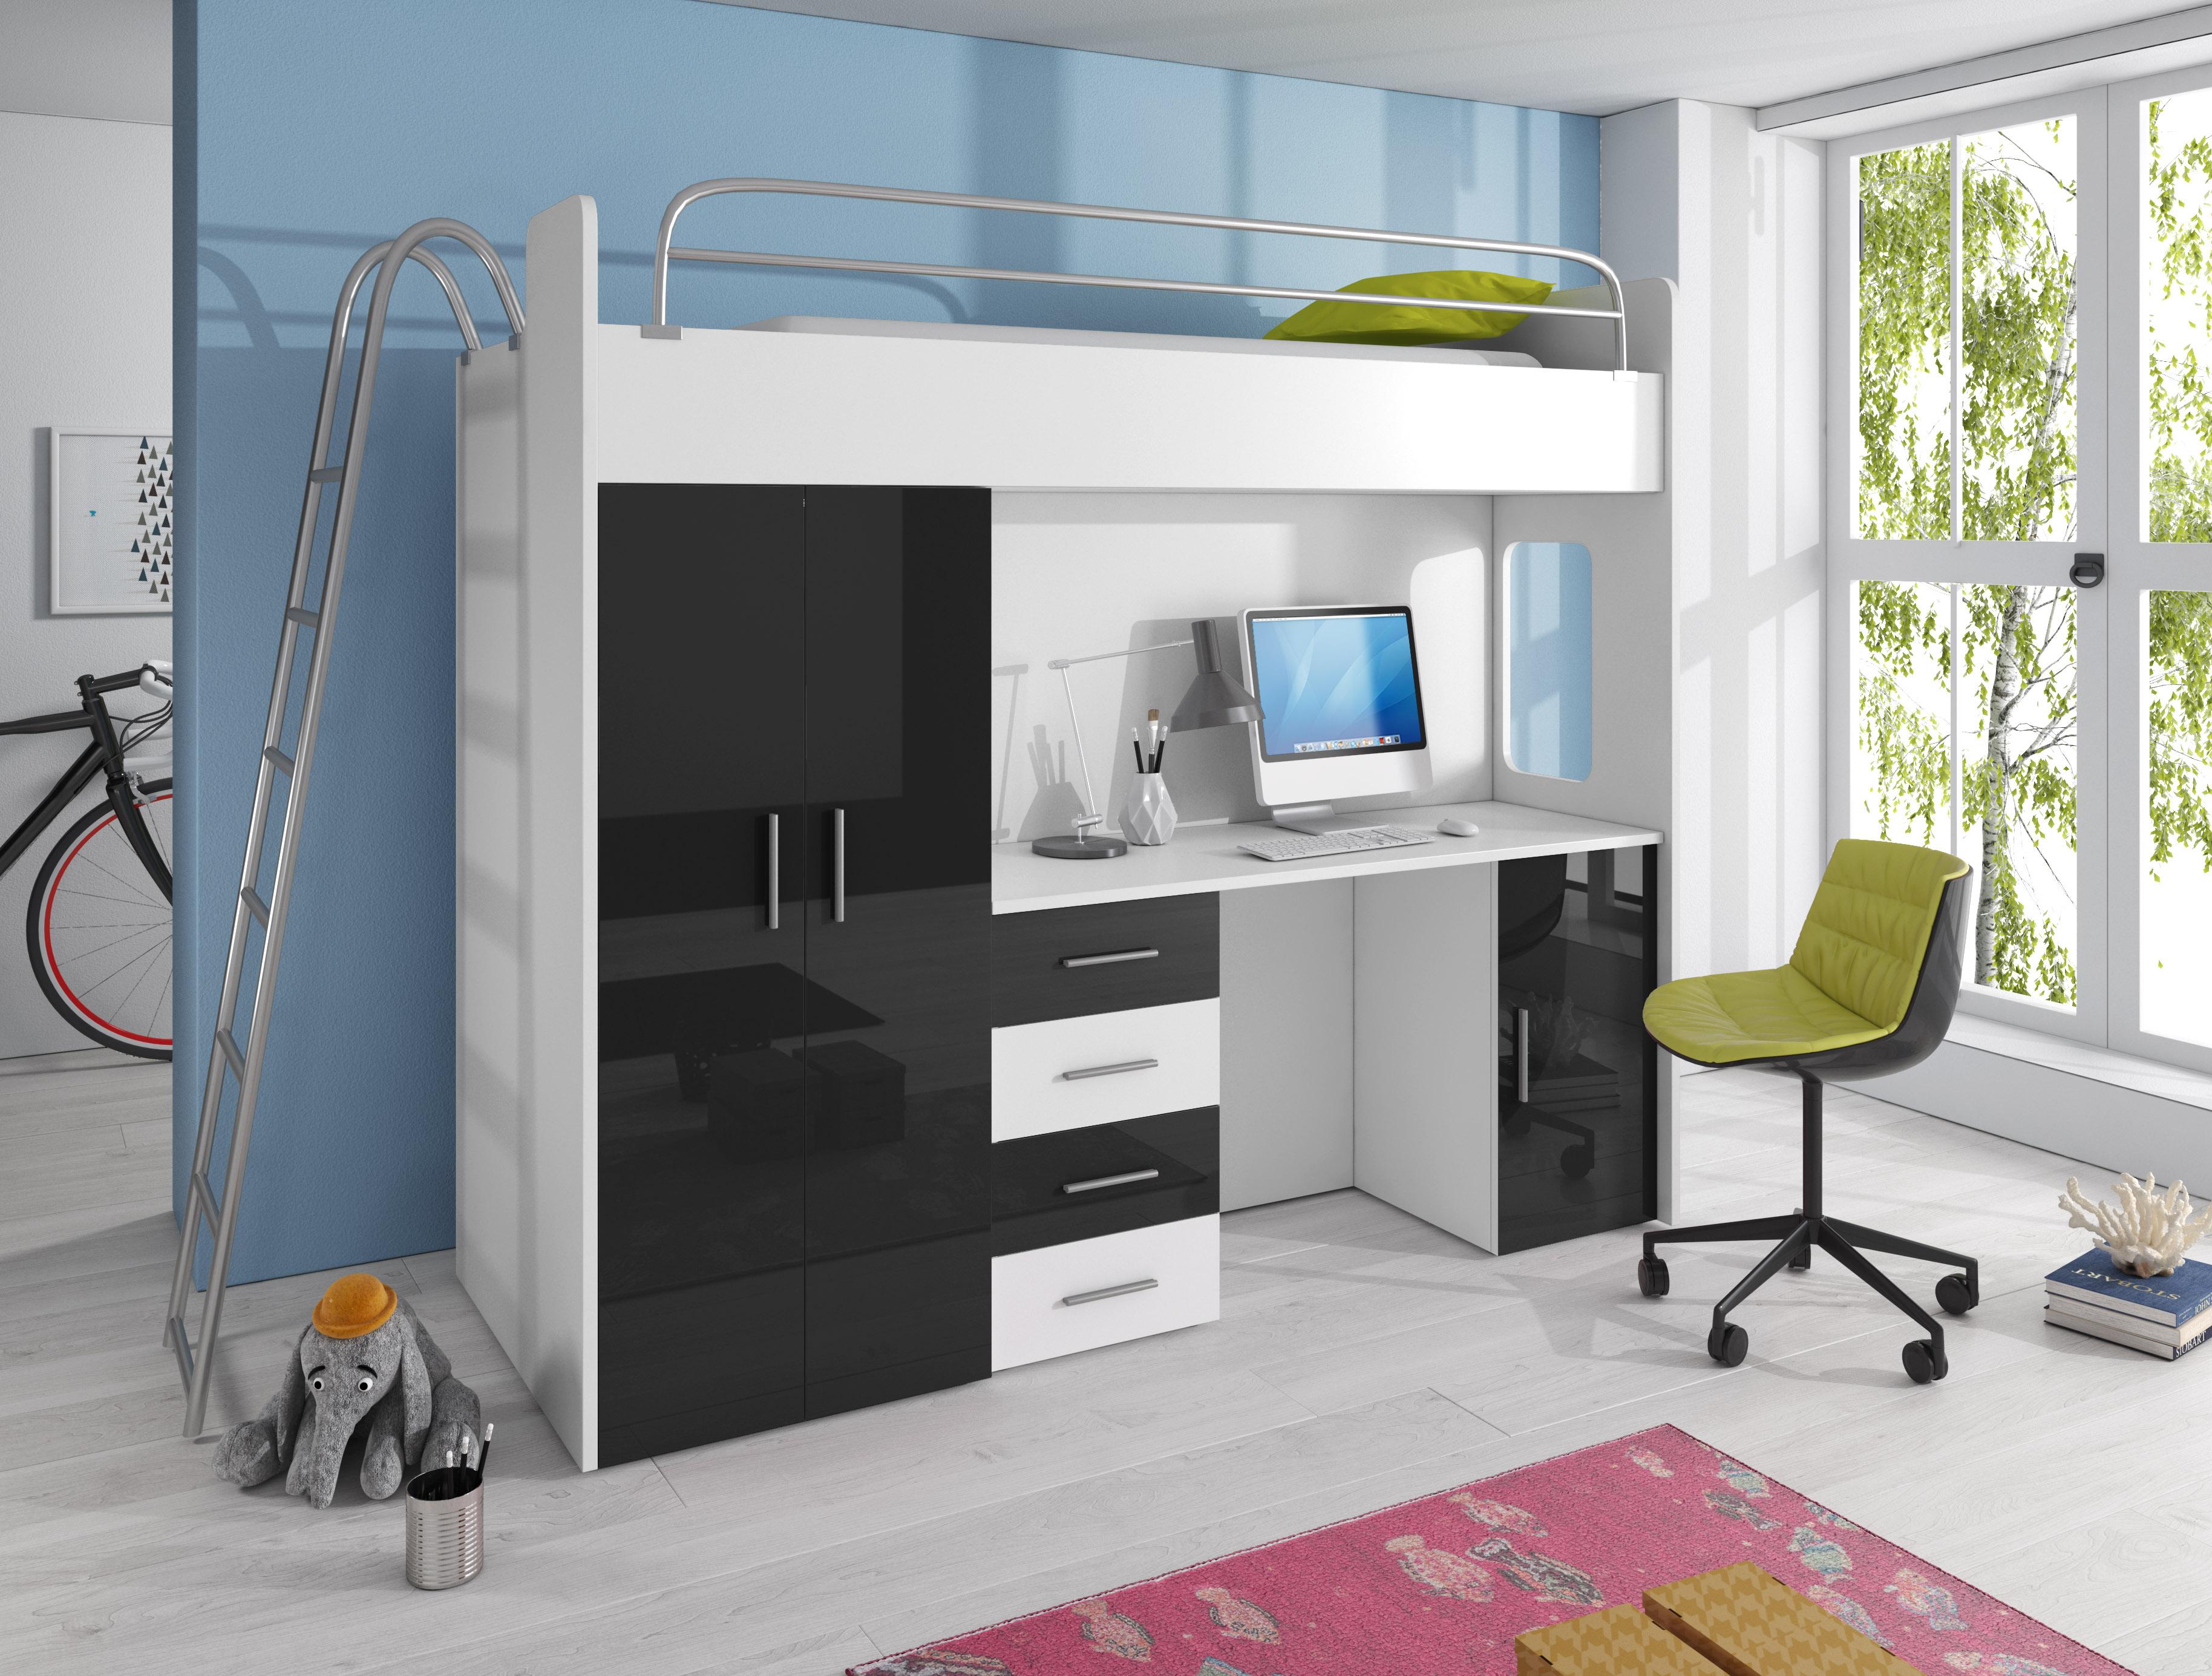 Dětská postel - Ruby IV D (Bílá + Černá) (s matrací a roštem)